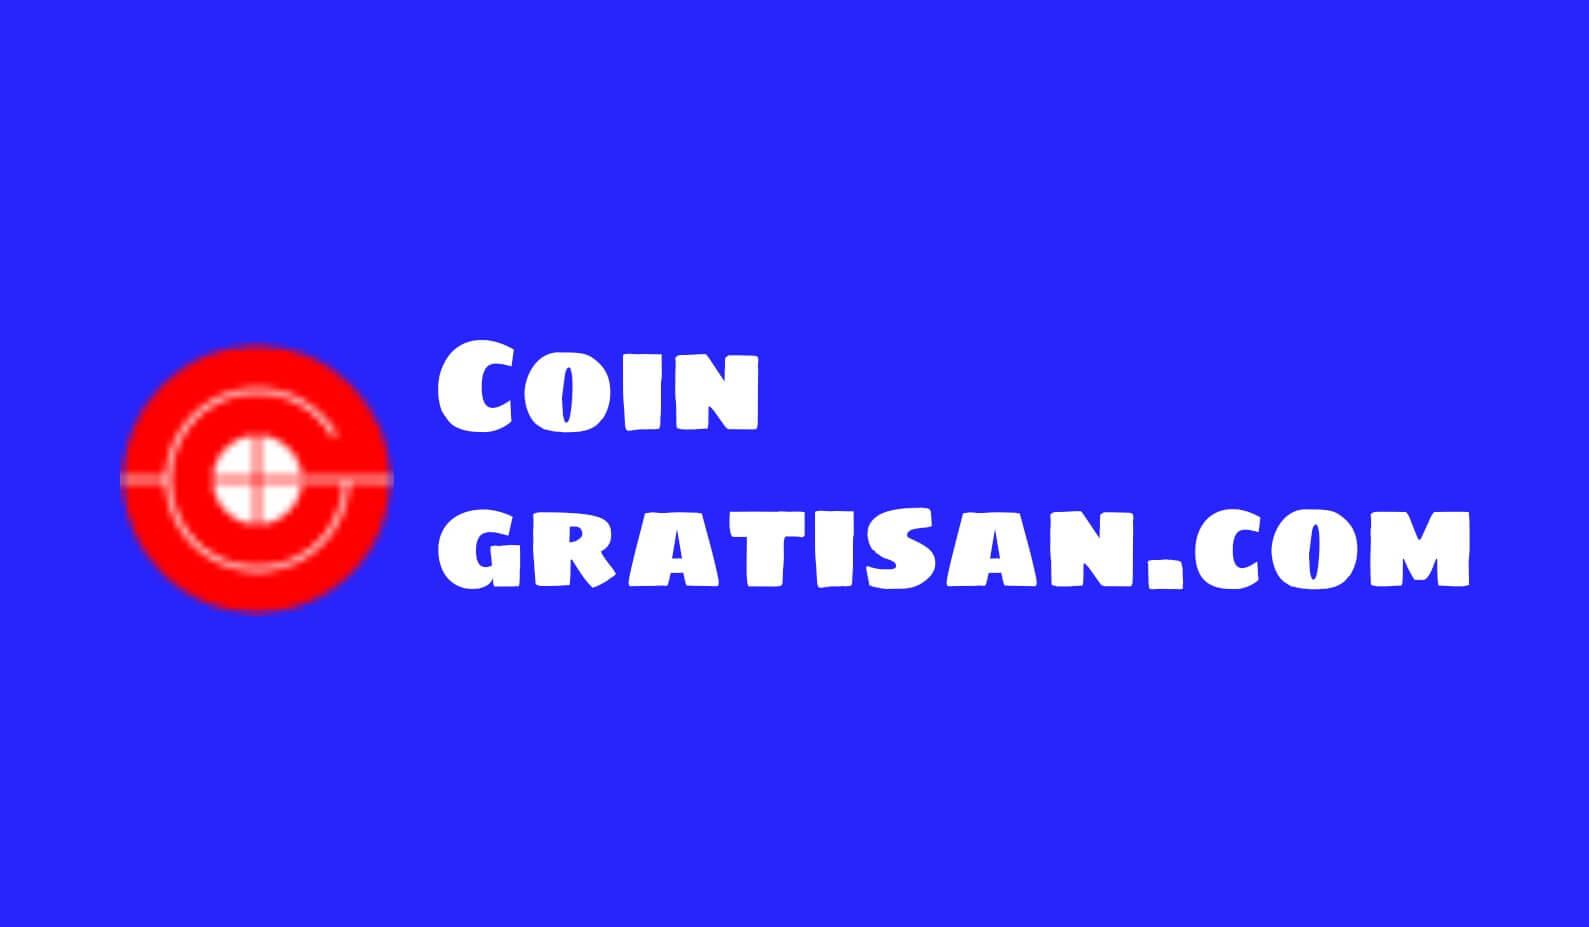 Diartikel kedelapan puluh satu ini, Saya akan memberikan Tutorial Cara bermain di situs Coin Gratisan hingga mendapatkan Bitcoin, Bitcoin Cash, Litecoin, Dogecoin, Ethereum, dan lain-lain (alt coin) secara gratis.